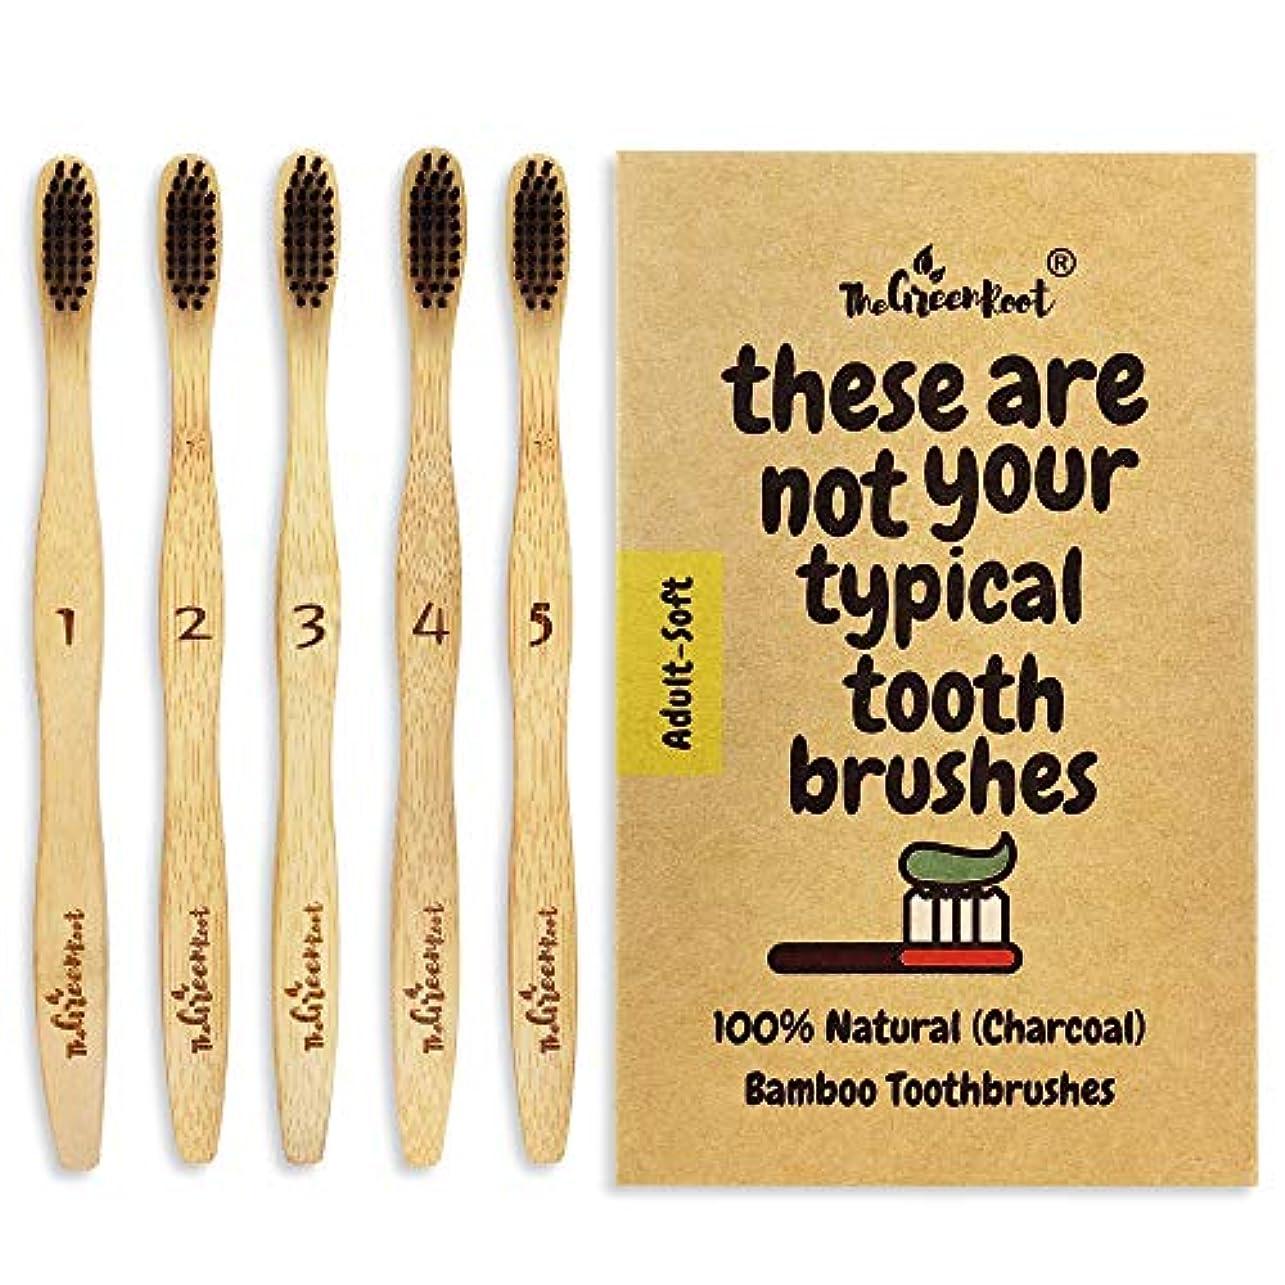 羨望ダルセットエージェントNatural Charcoal Bamboo Toothbrushes (Pack of 5) for Adults with Soft Bio-Based Nylon Bristles - Individually...